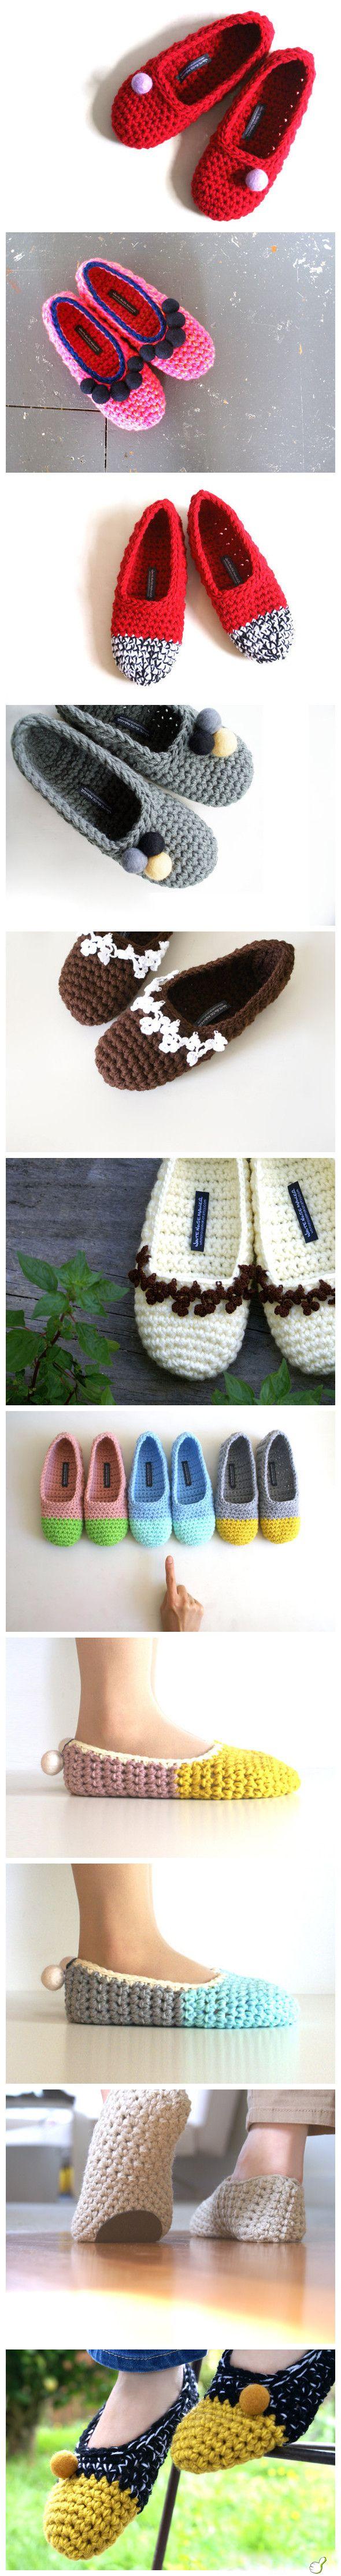 Crochet. diy